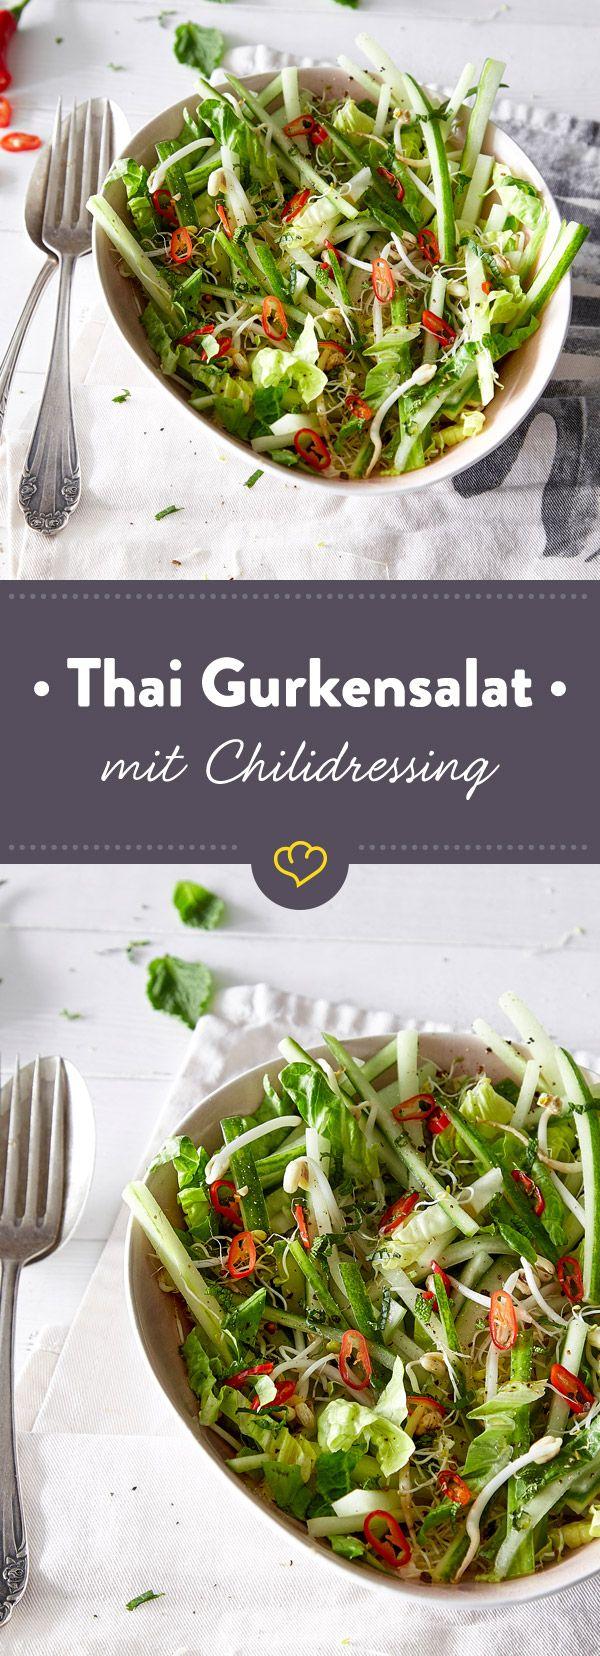 Mal was anderes als die übliche Dill-Leier. Diese exotische Gurkensalat-Variante mit Reisessig, Sprossen und Chili hast du schnell zubereitet.